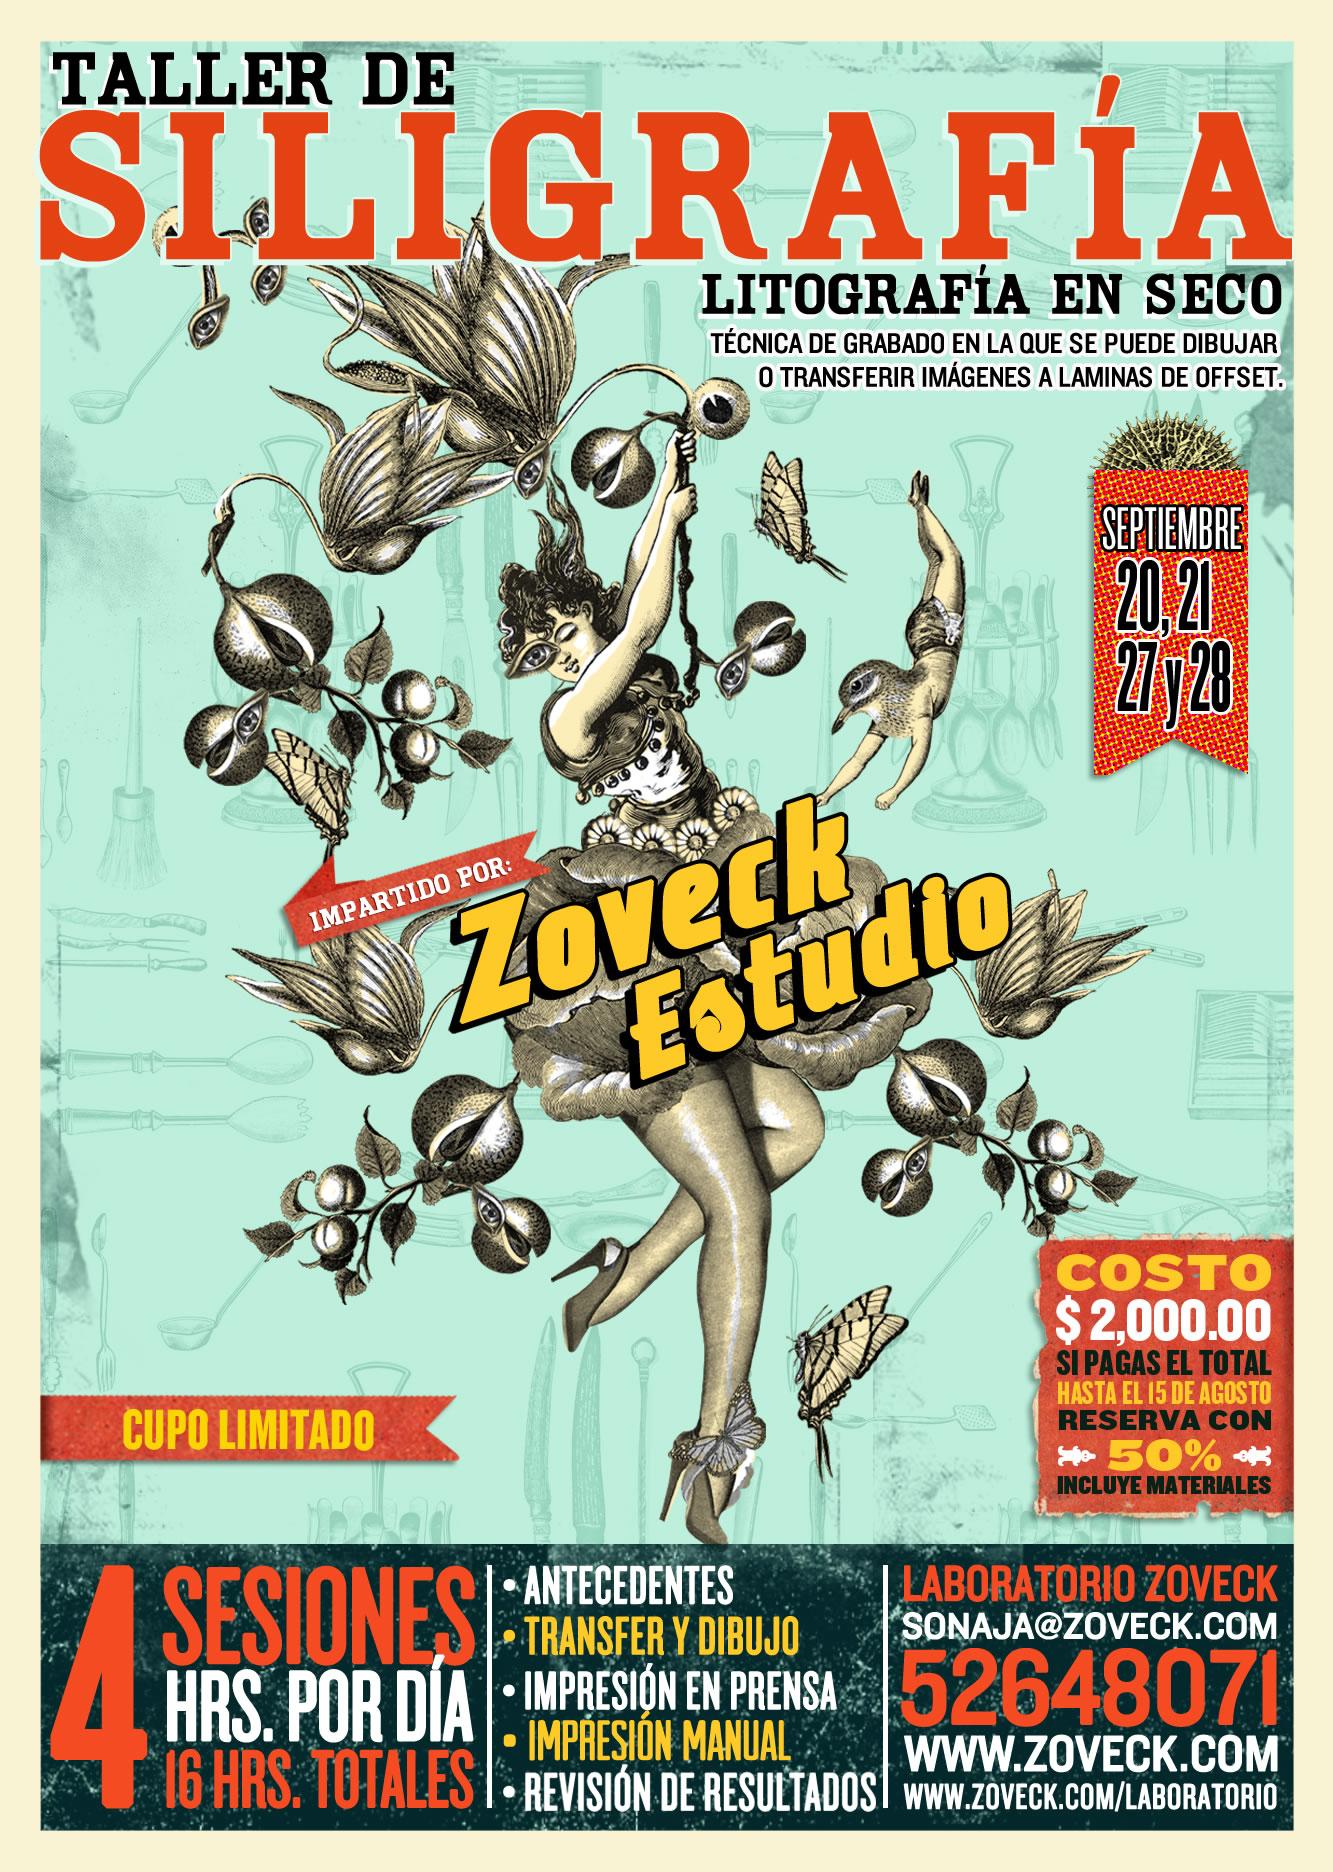 TALLER DE SILIGRAFÍA 2014